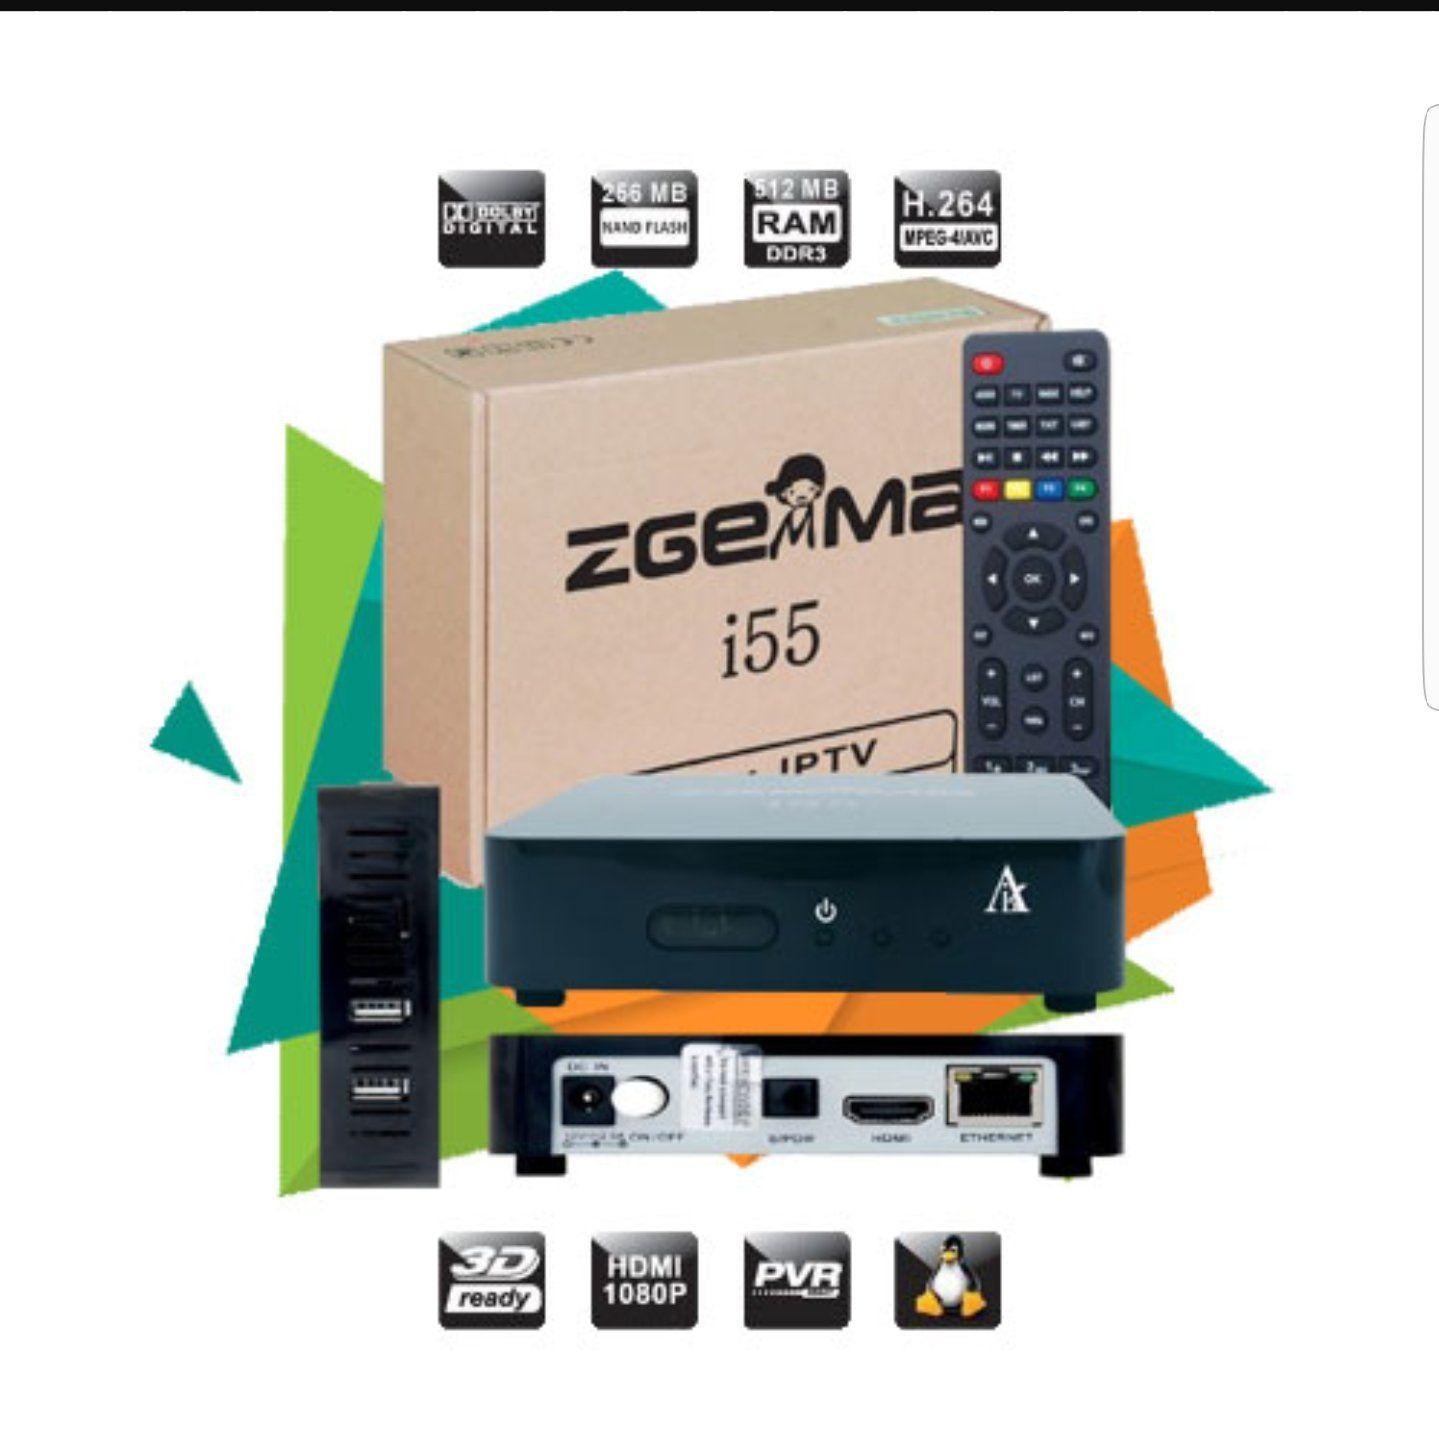 NEW MODEL) Iptv zgemma i55 box with full 12 months full iptv